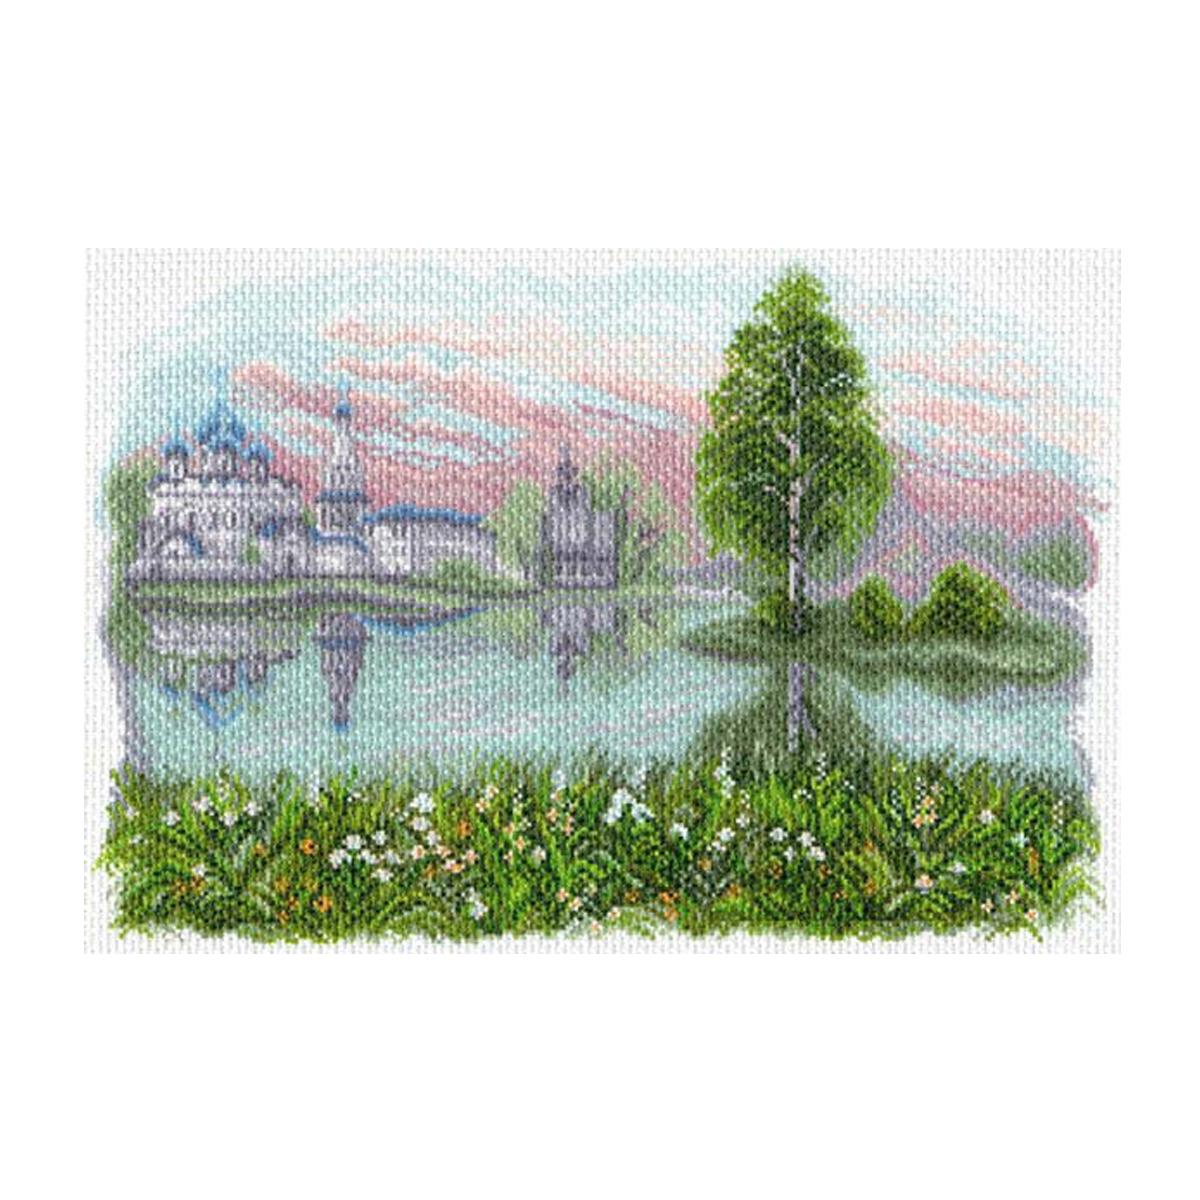 Канва с рисунком Матренин Посад Волжские просторы, 33 см х 45 см. 1624549982Размер: 33x45 см Рисунок полностью напечатан на канве. Указана цветовая карта ниток. Вышивать рекомендуется мулине в 3 сложения.